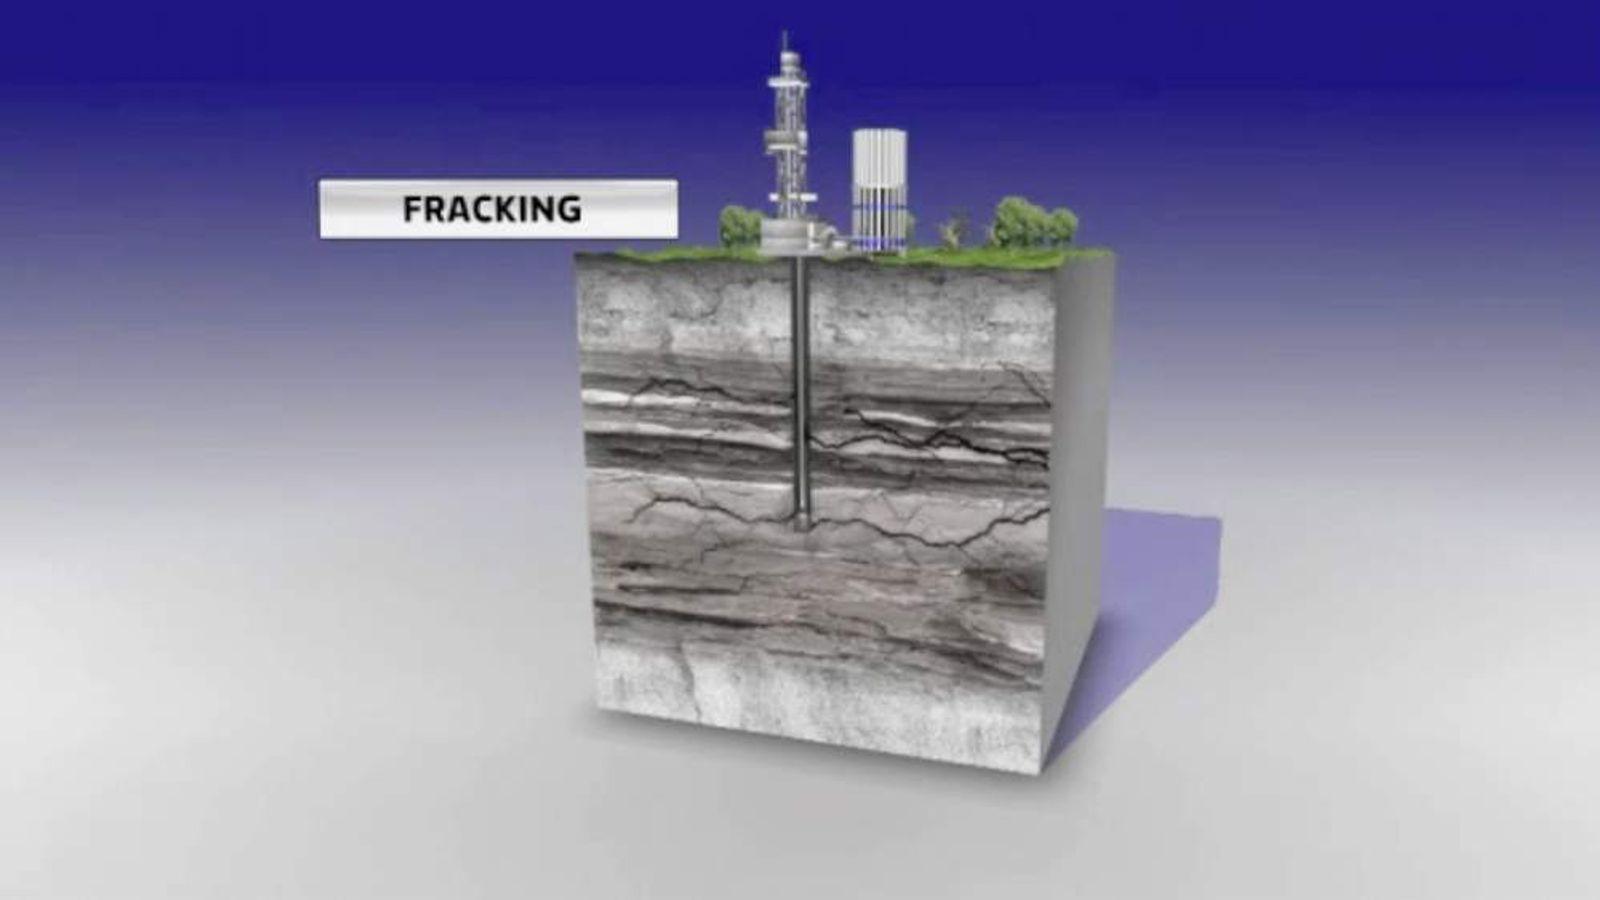 gfx screengrab for Fracking explainer video for digital